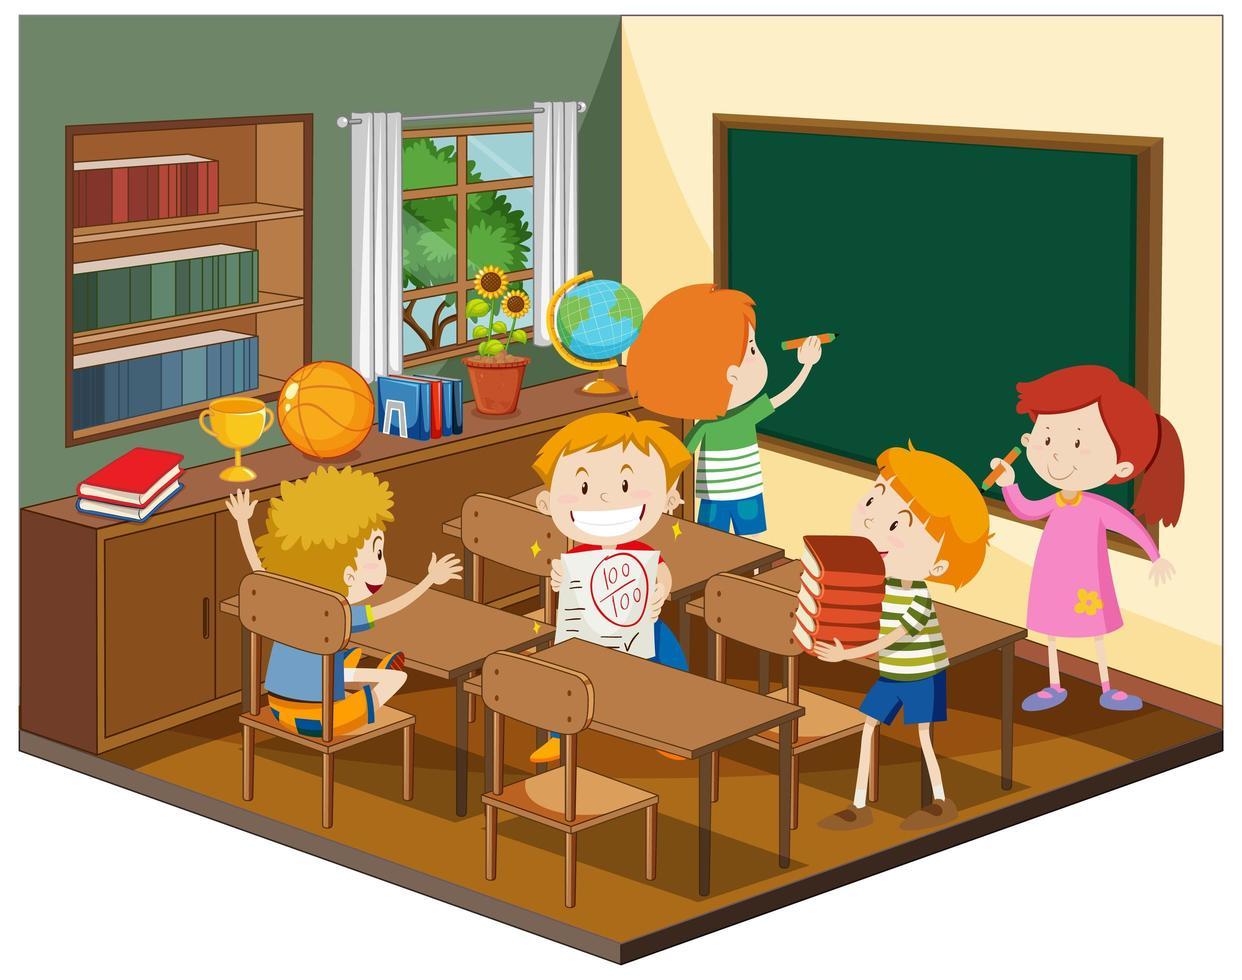 kinderen in de klas met meubels vector